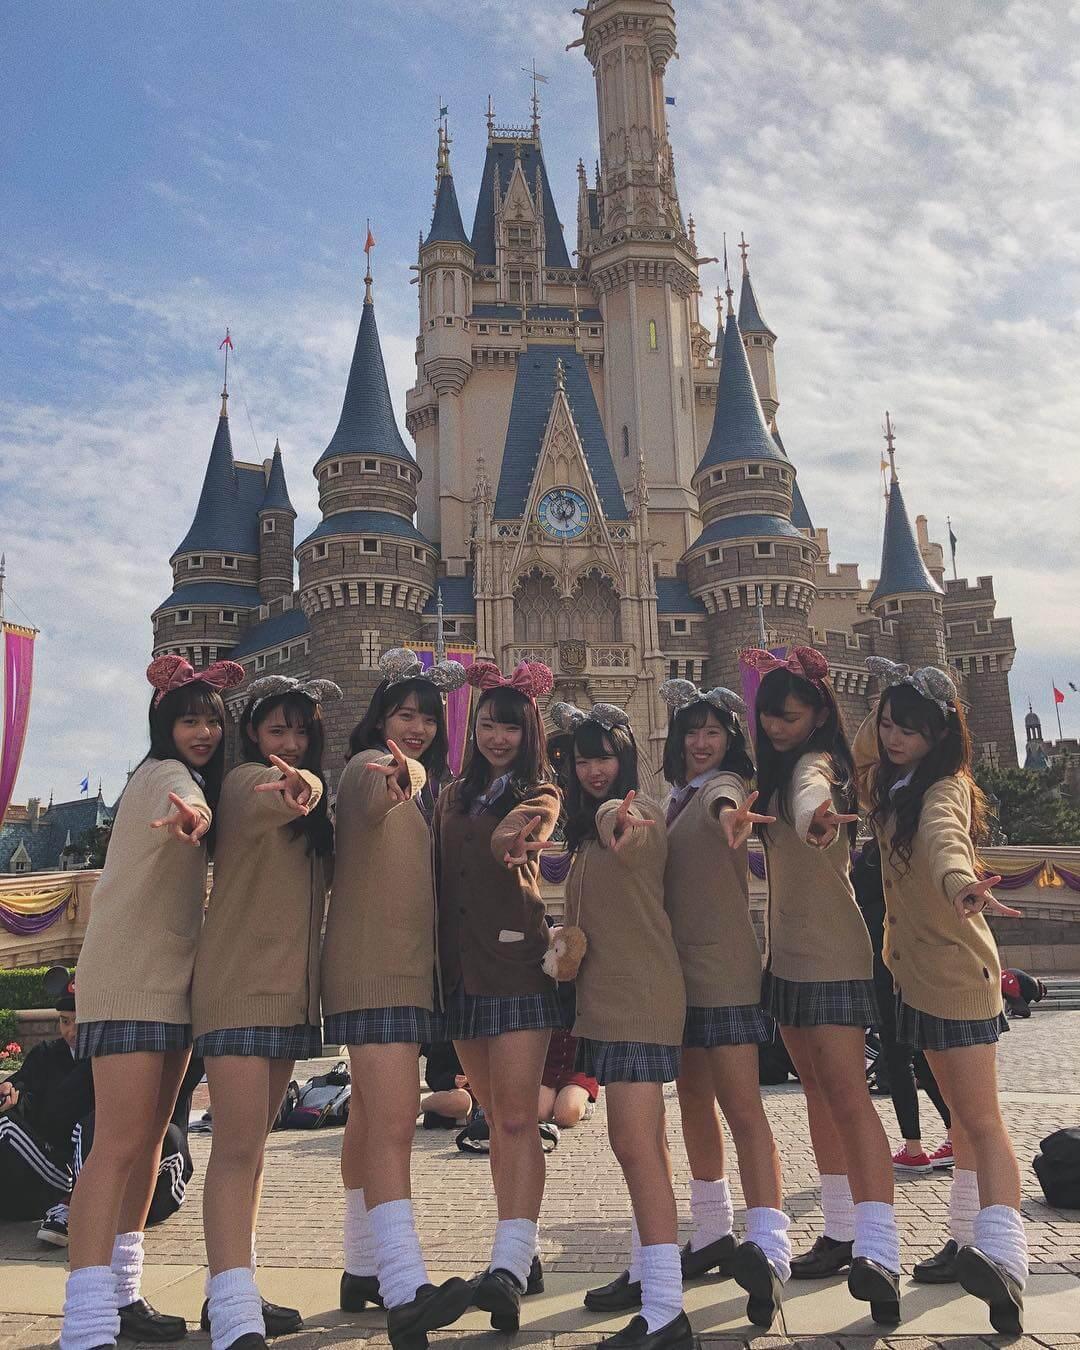 【画像】うひょ、たくさんの制服少女に囲まれたらマジで良い匂いしてきそうな集合写真